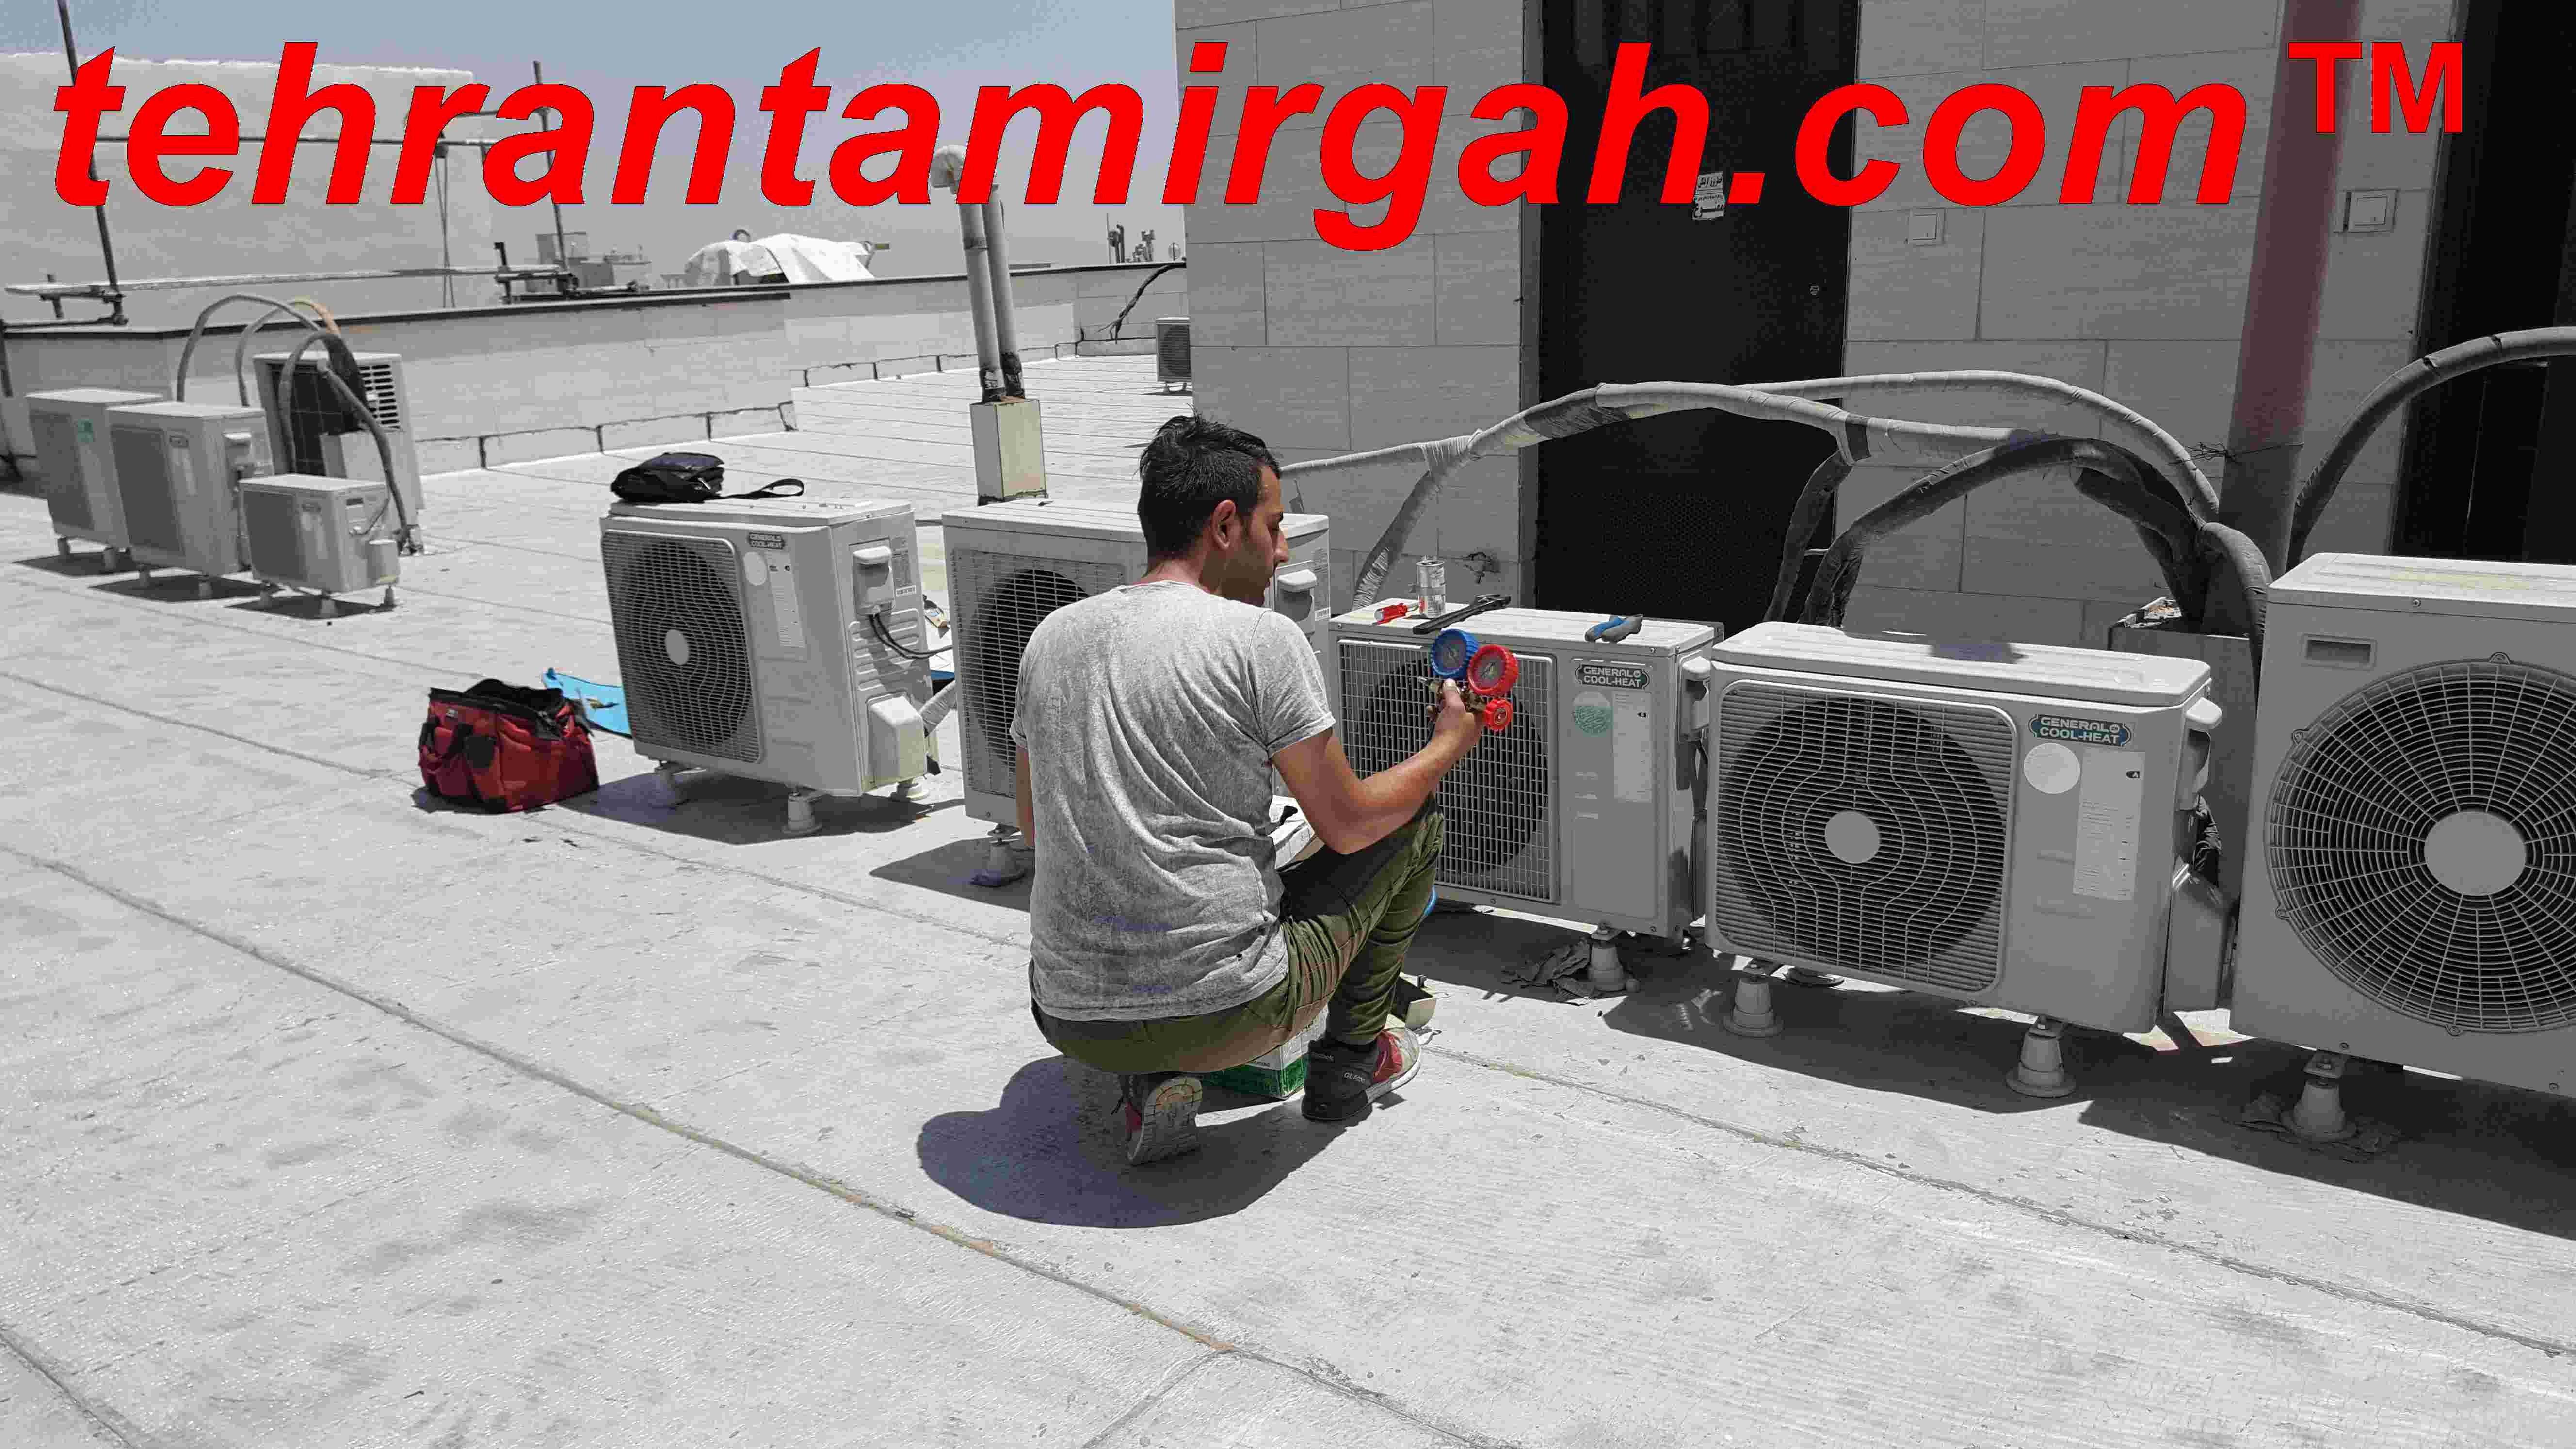 سرویس اسپیلت شرق تهران | ۲۴ ساعته | با گارانتی | قیمت اتحادیه|  گاز هندی